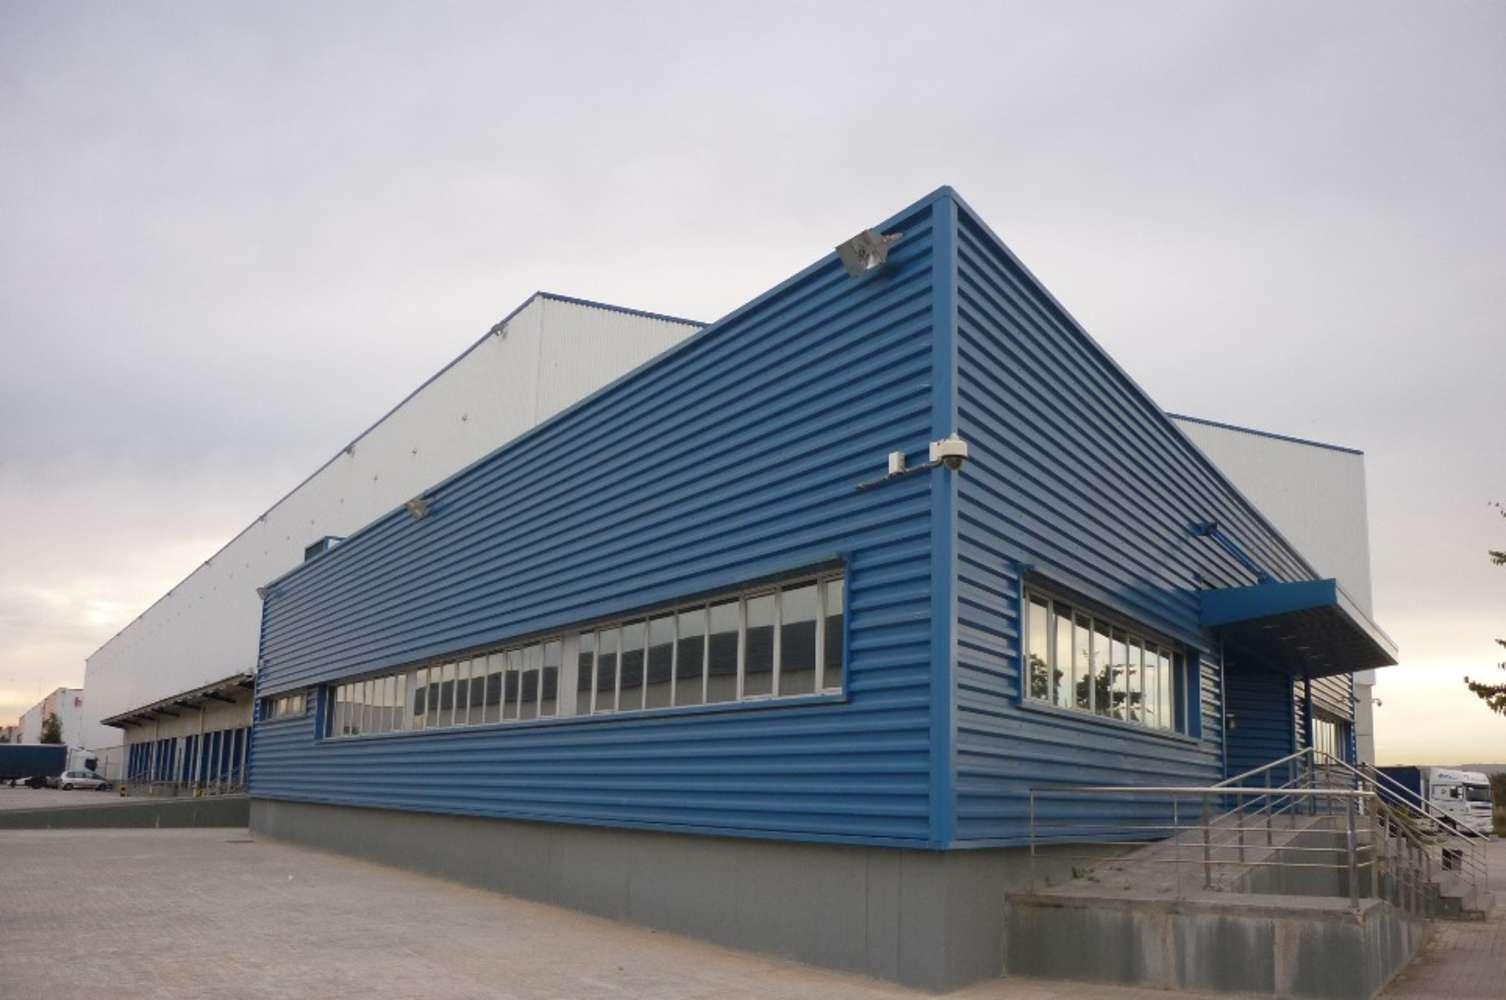 Naves industriales y logísticas Barcelona, 08040 - Nave Logística - B0047 - ZAL I PUERTO DE BARCELONA - 3331